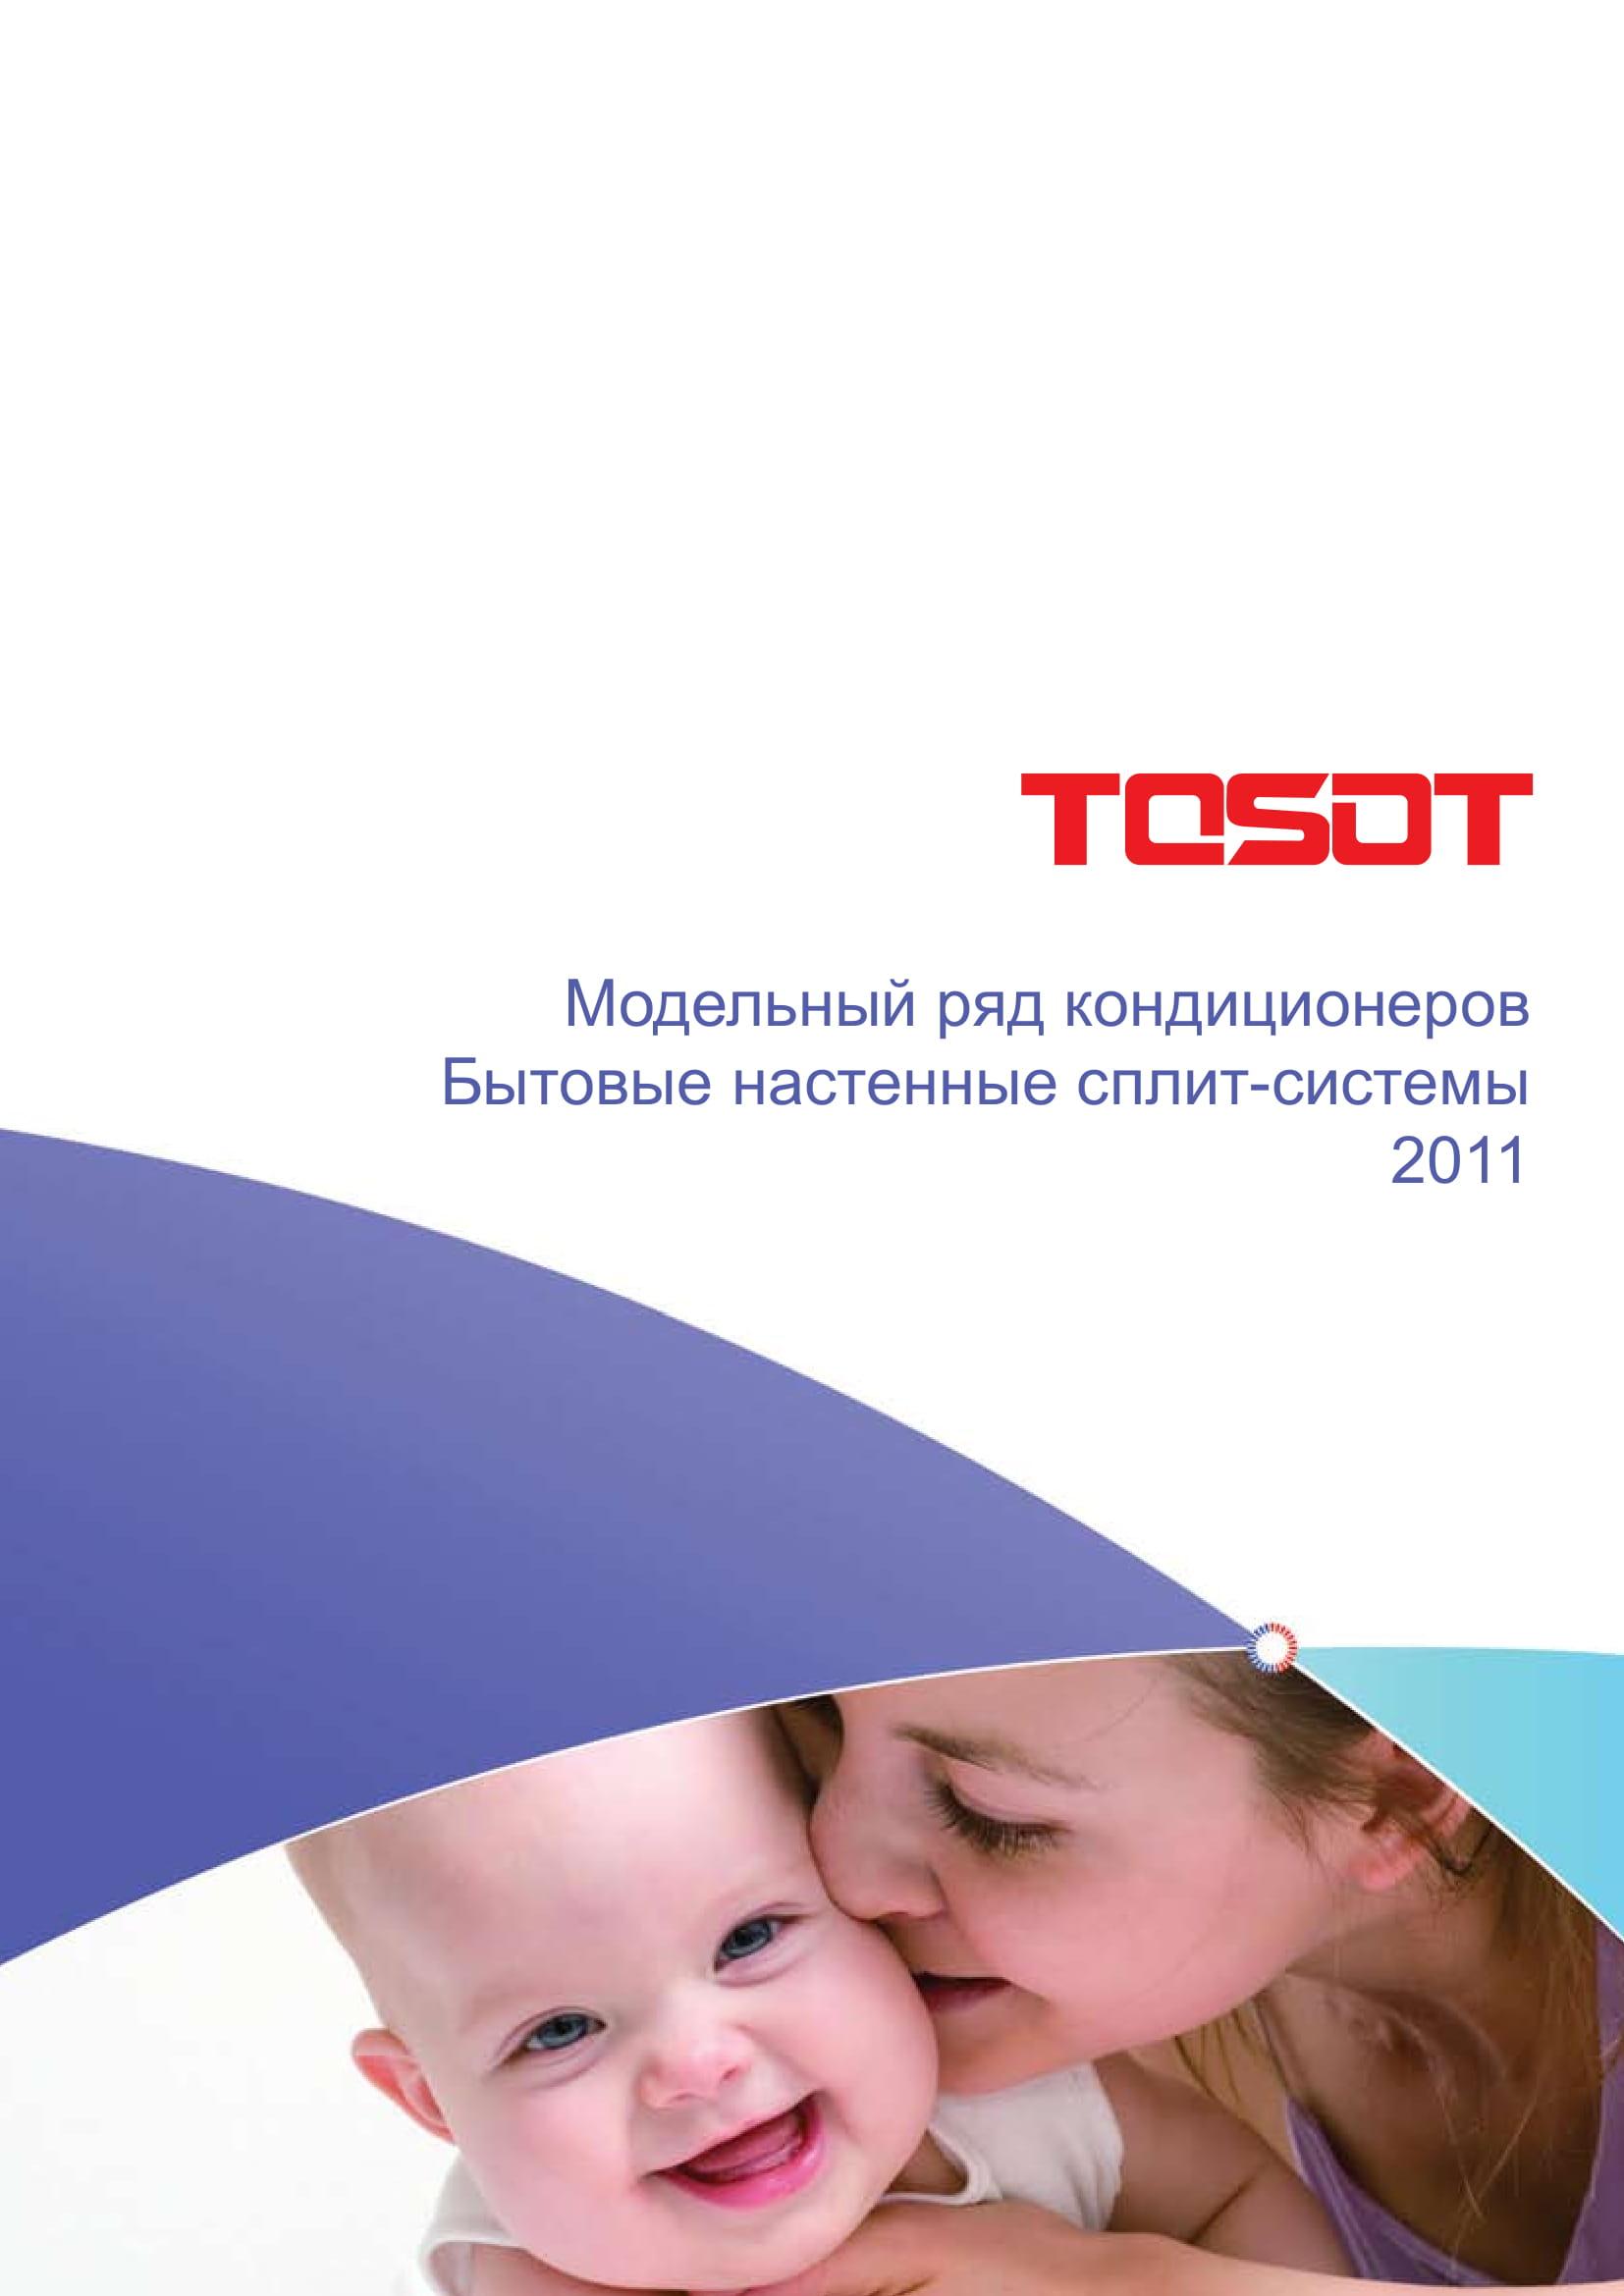 каталог TOSOT 2011